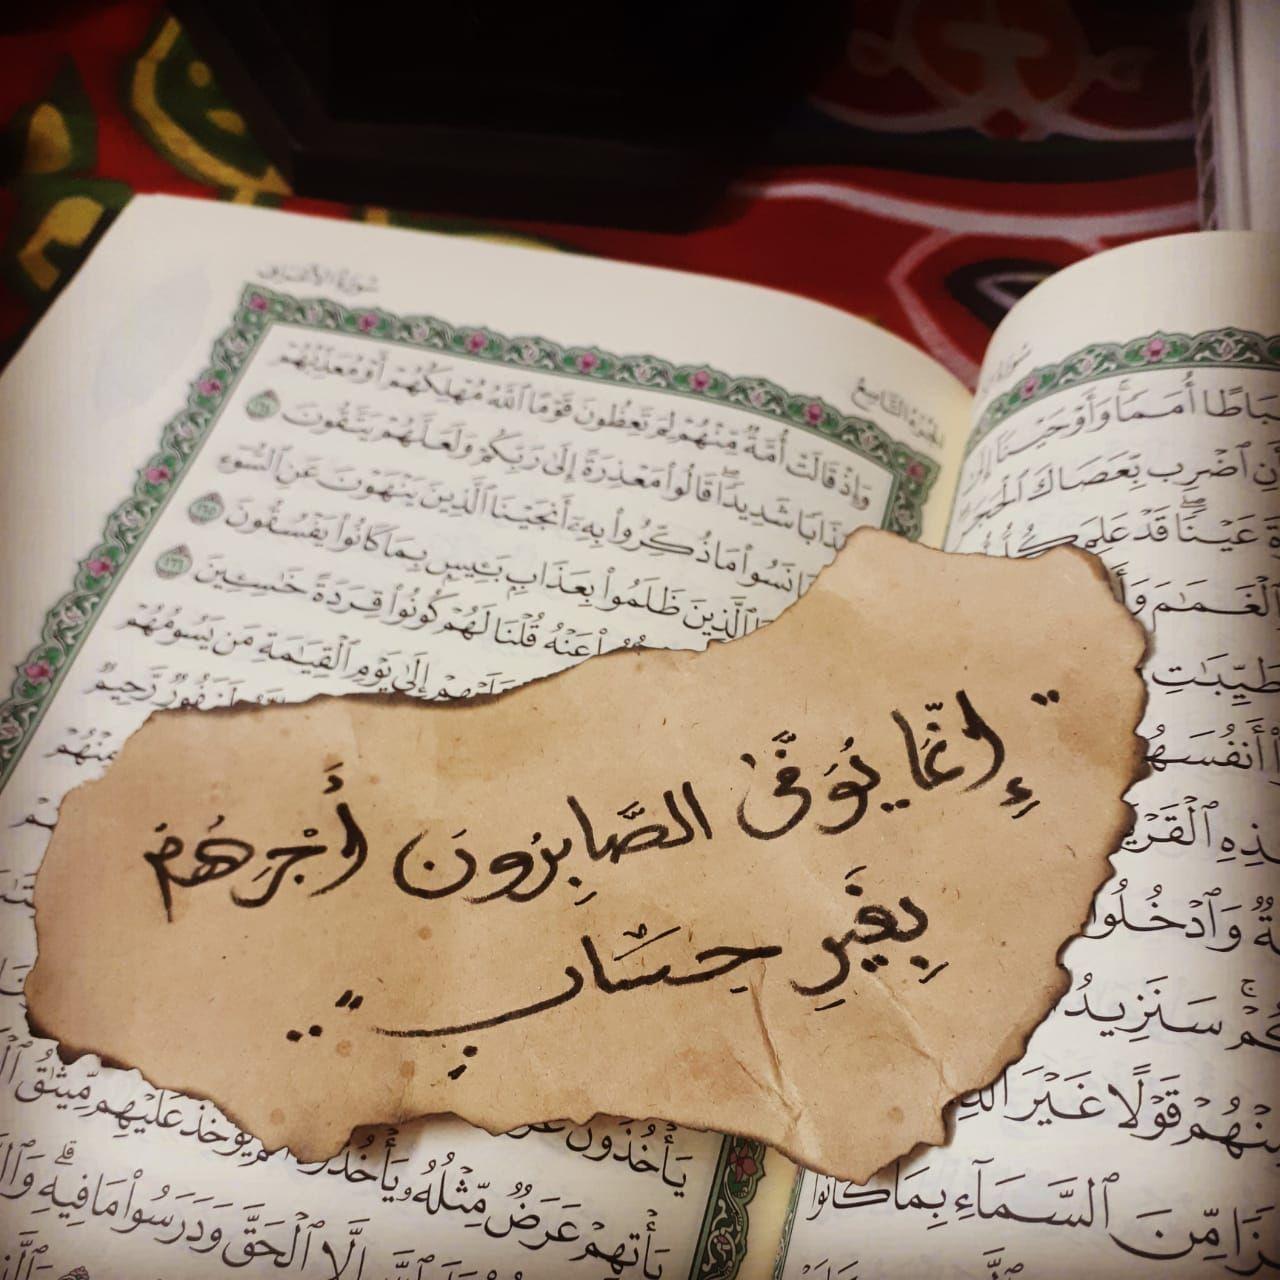 Pin By Hend Abd El Ghaffar On Islamic Quran Quotes Sweet Words Islam Quran